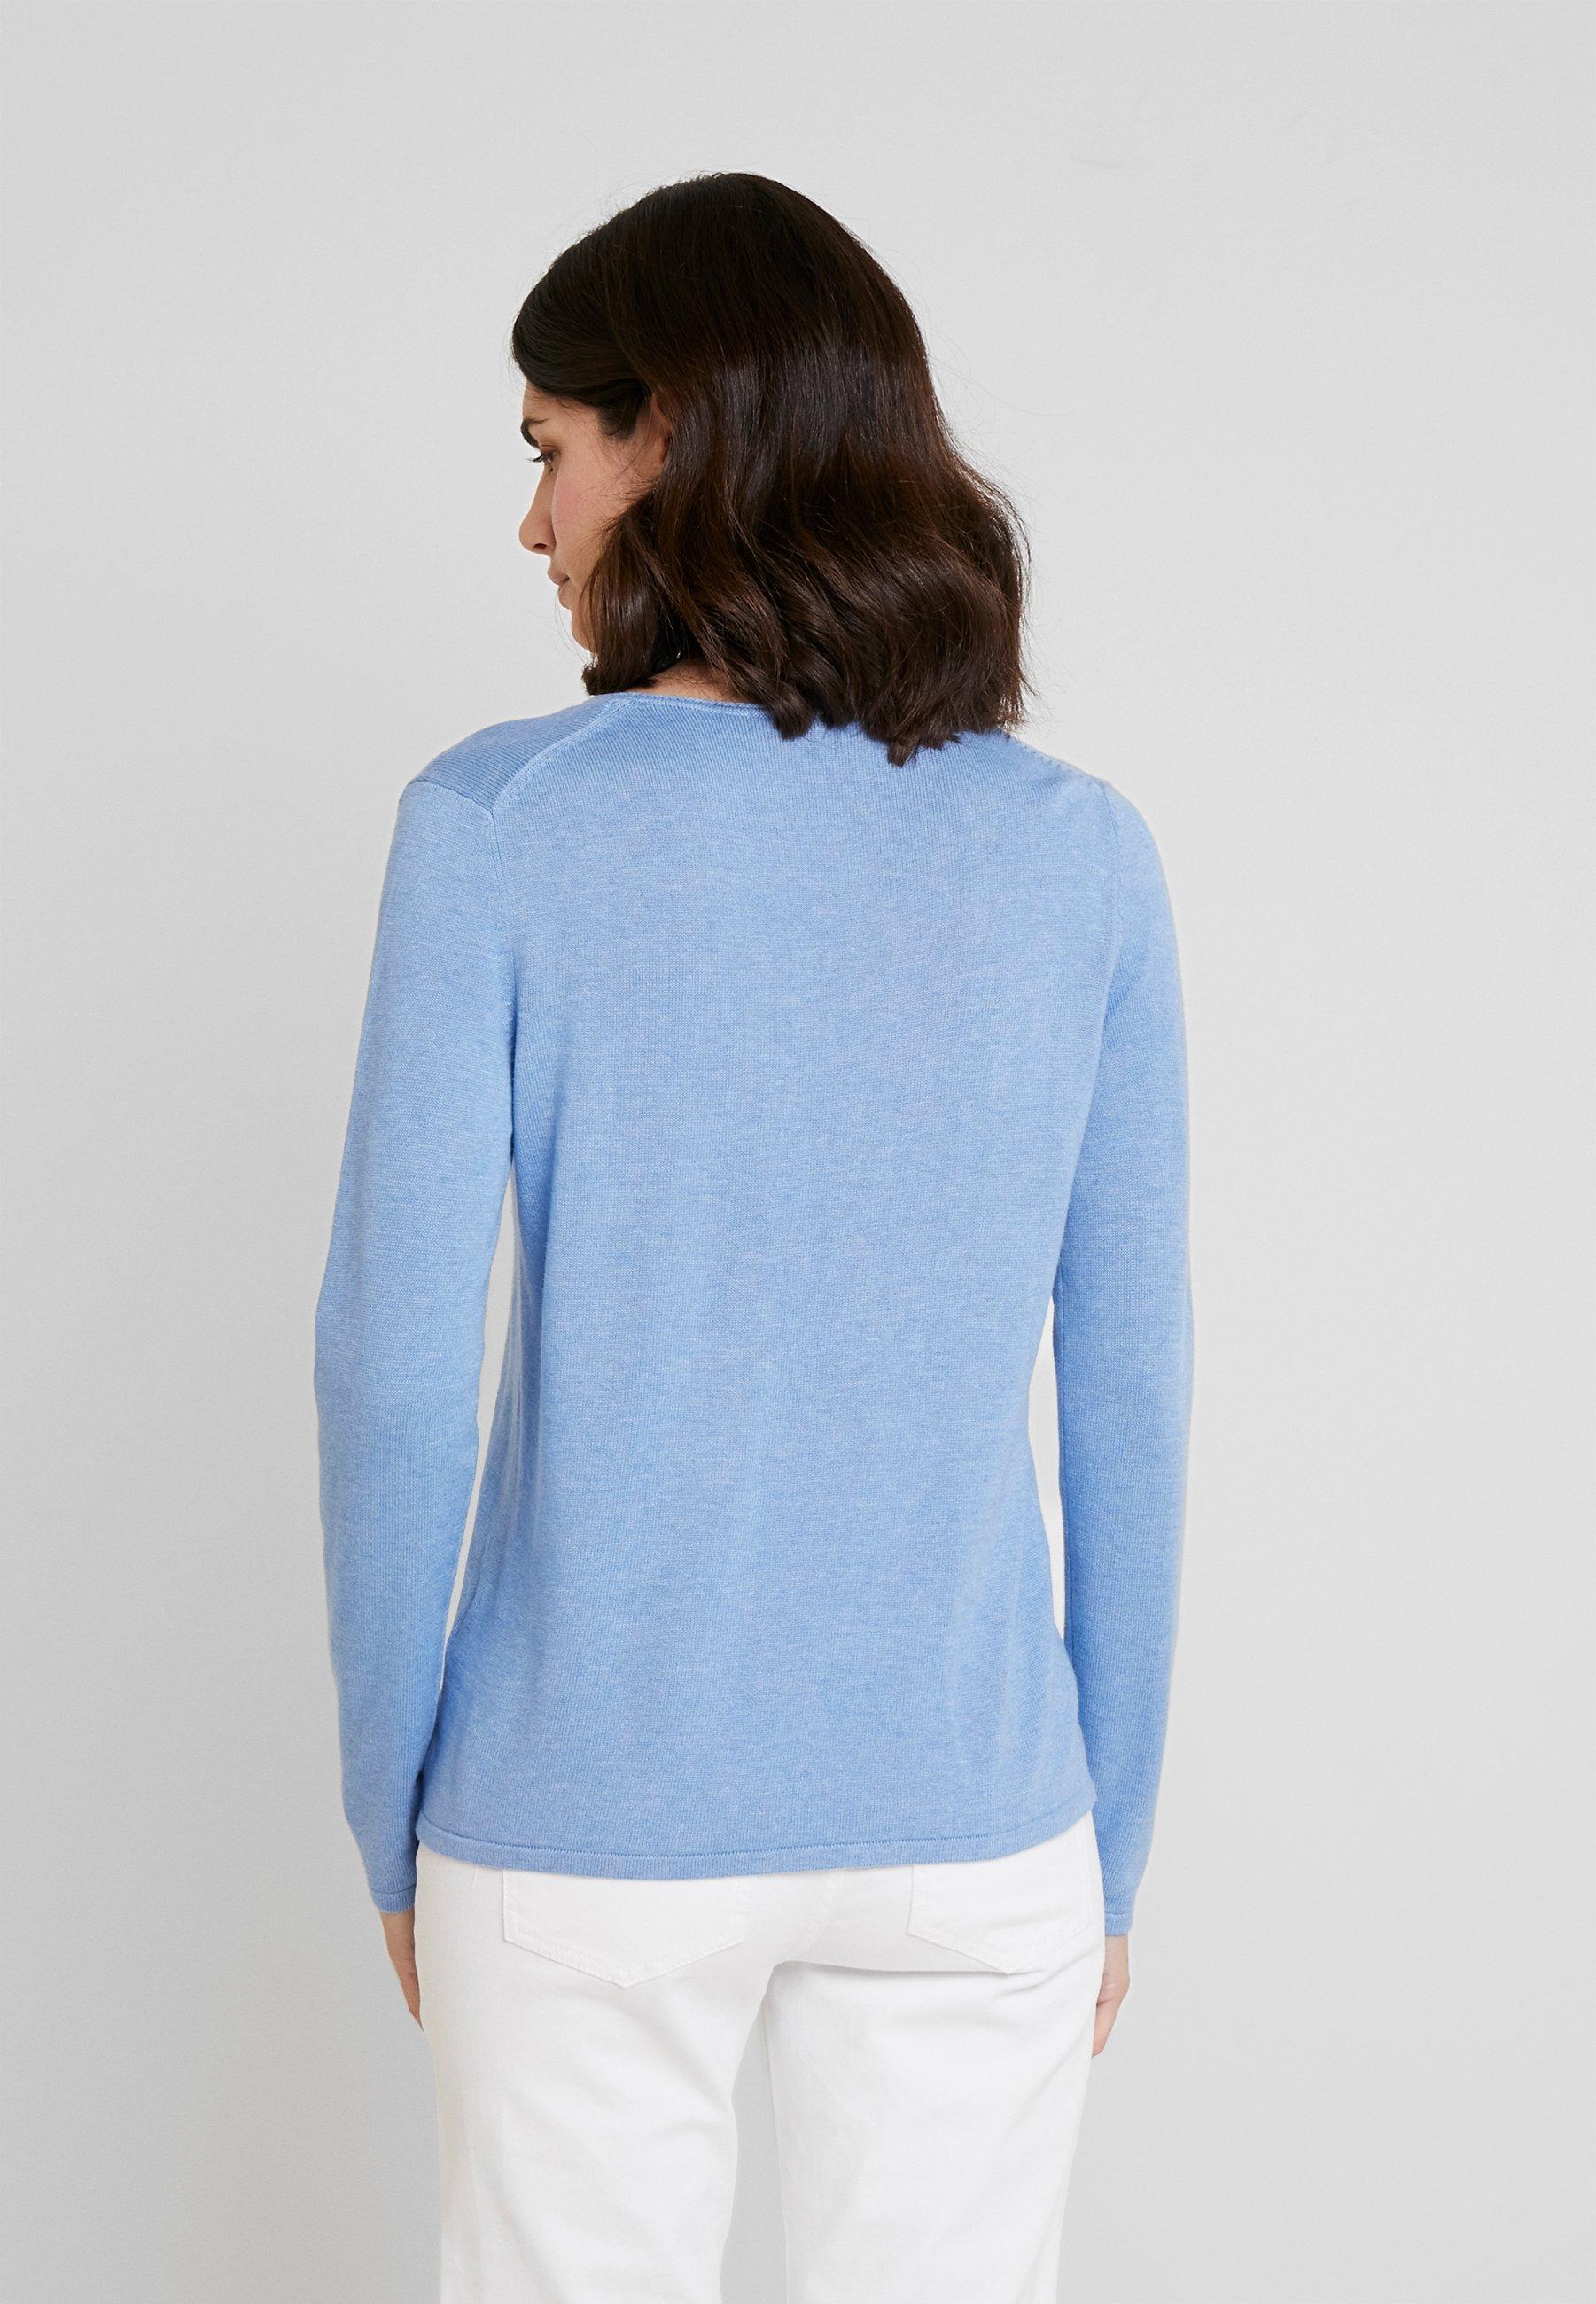 V Sea NeckPullover Blue Melange Basic Tailor Tom cFJ1KTl